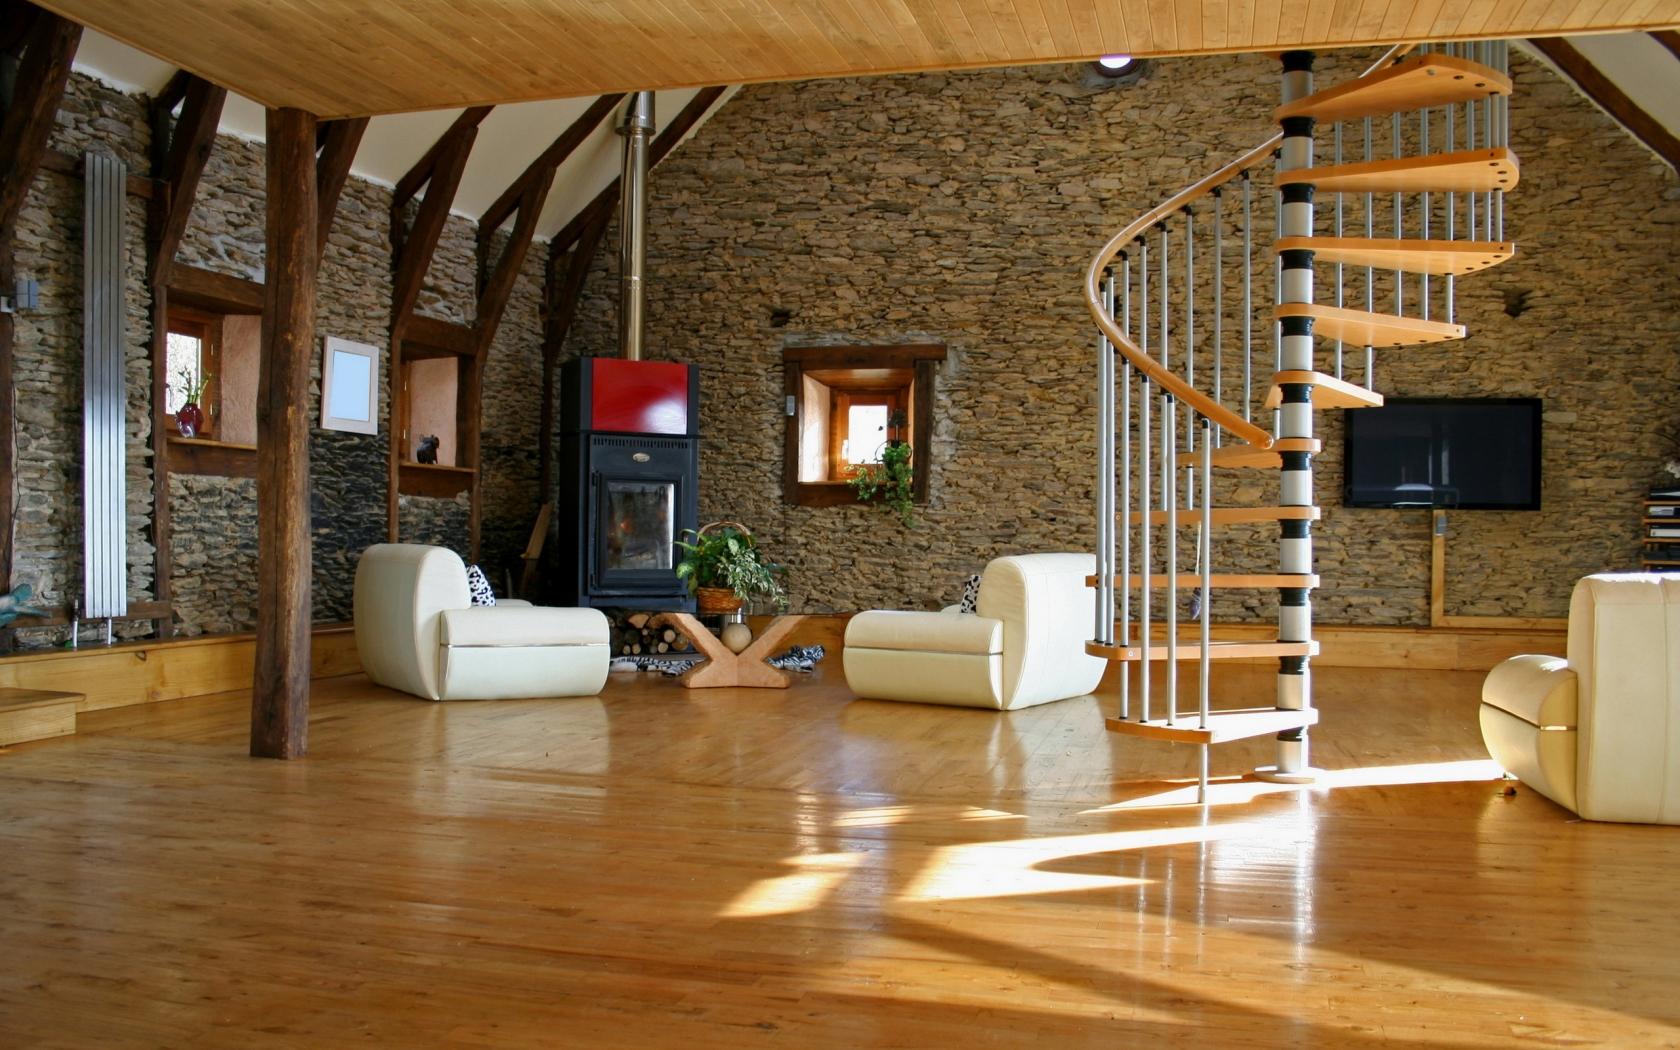 Bellos acabados interiores de casas - 1680x1050